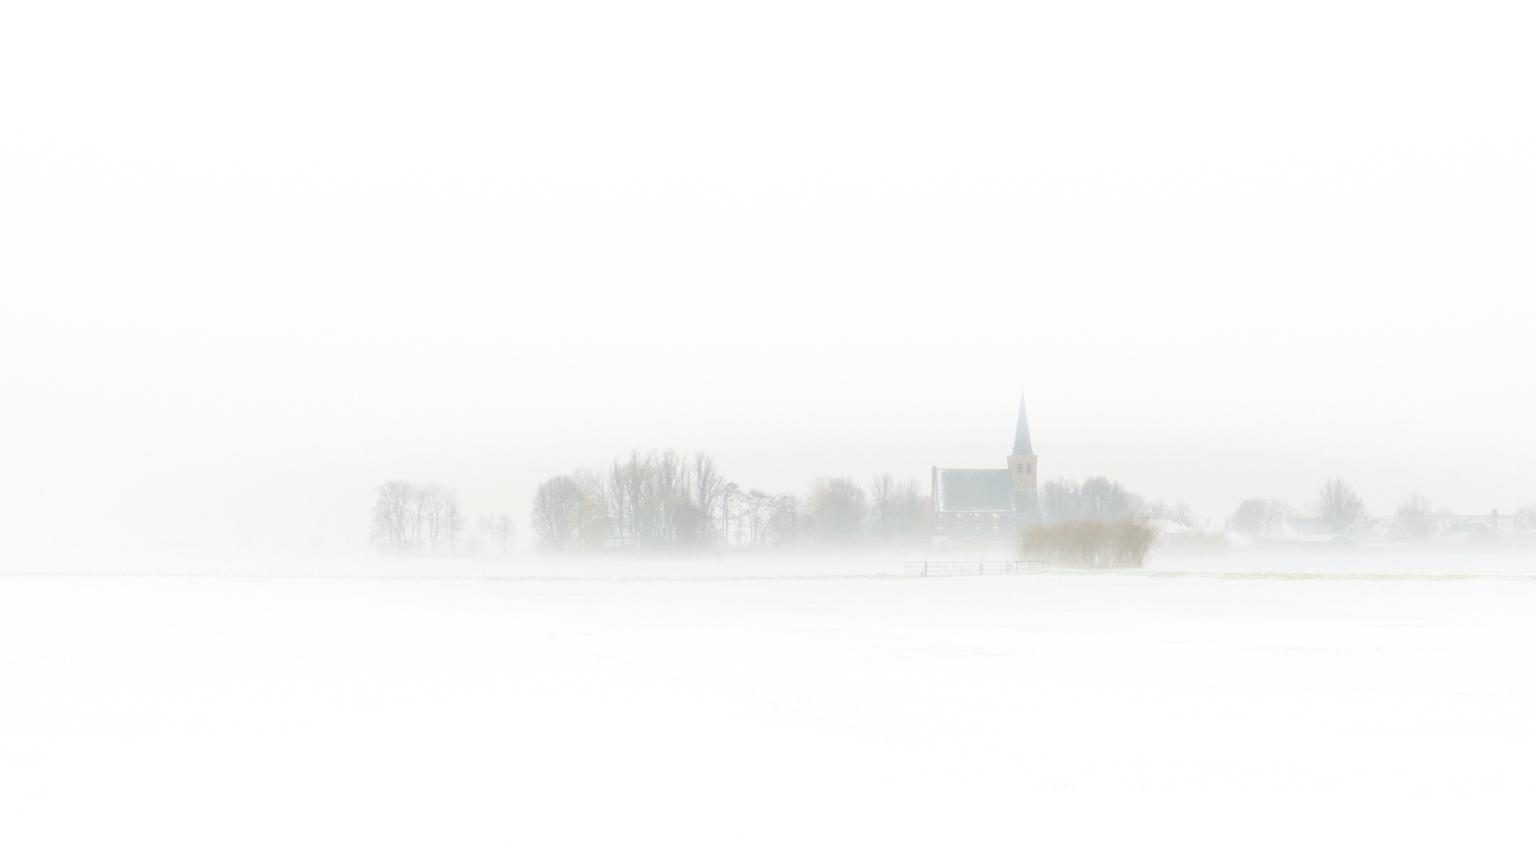 Weet je nog toen het sneeuwde - Vlakbij 't Woudt - foto door Eugenio op 14-04-2021 - deze foto bevat: landschap, sneeuw, winter, atmosfeer, lucht, mist, natuurlijk landschap, grijs, atmosferisch fenomeen, water, nevel, kalmte, de nevel